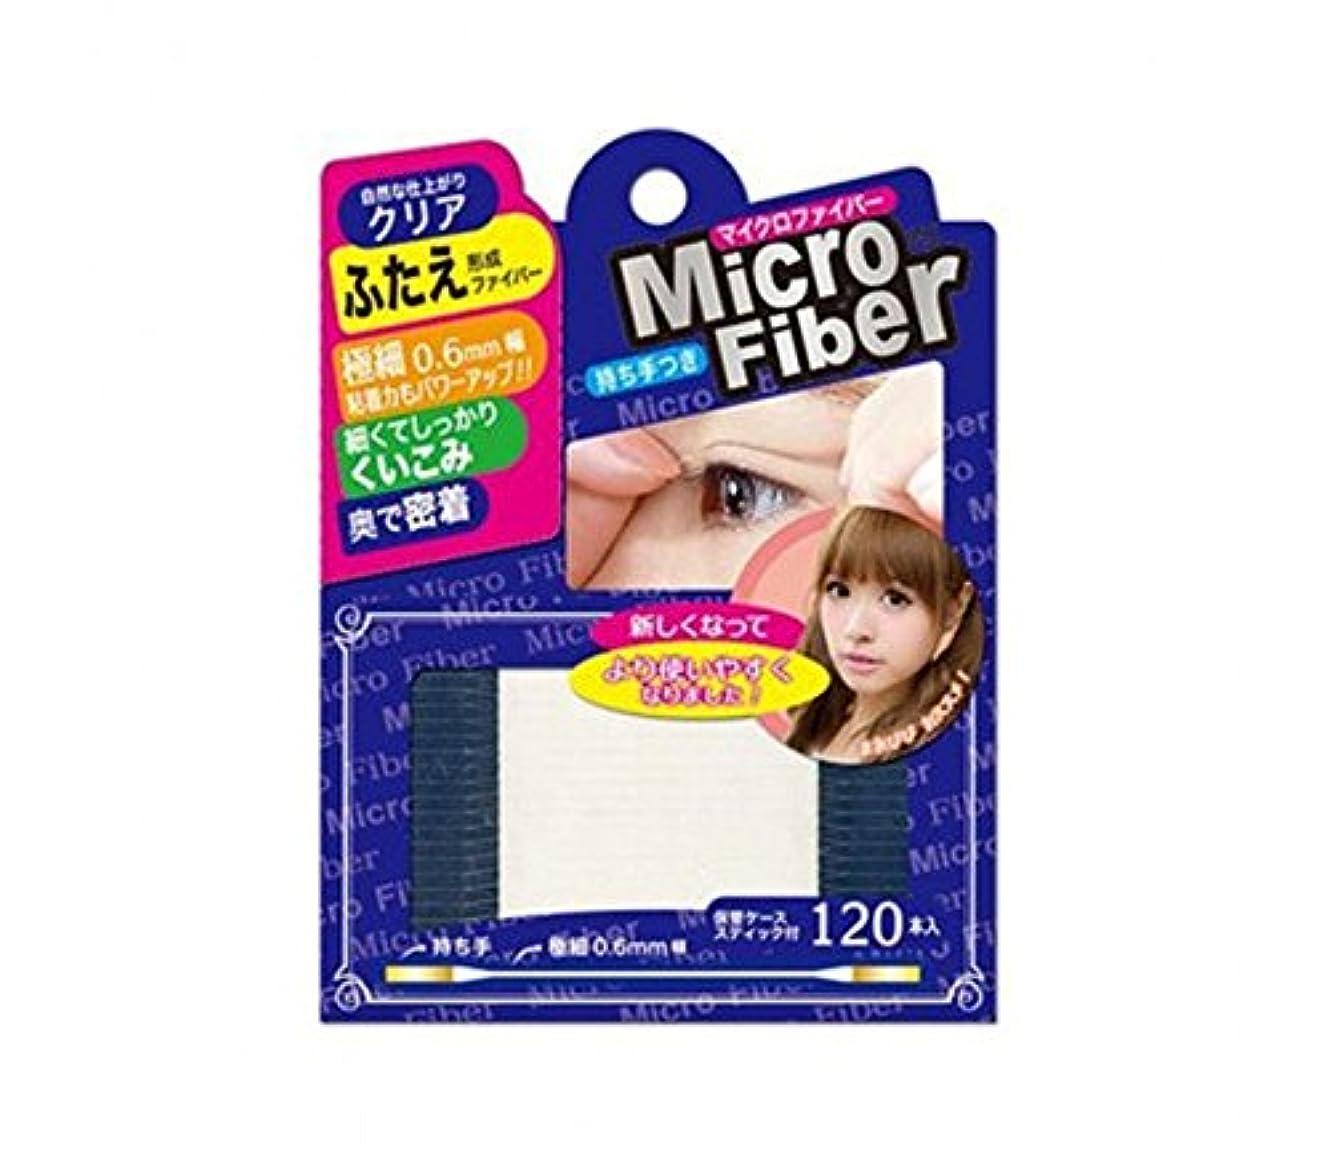 コンパイル継承敬礼ビーエヌ マイクロファイバーEX クリア 120本 NMC-01 2個セット (2)